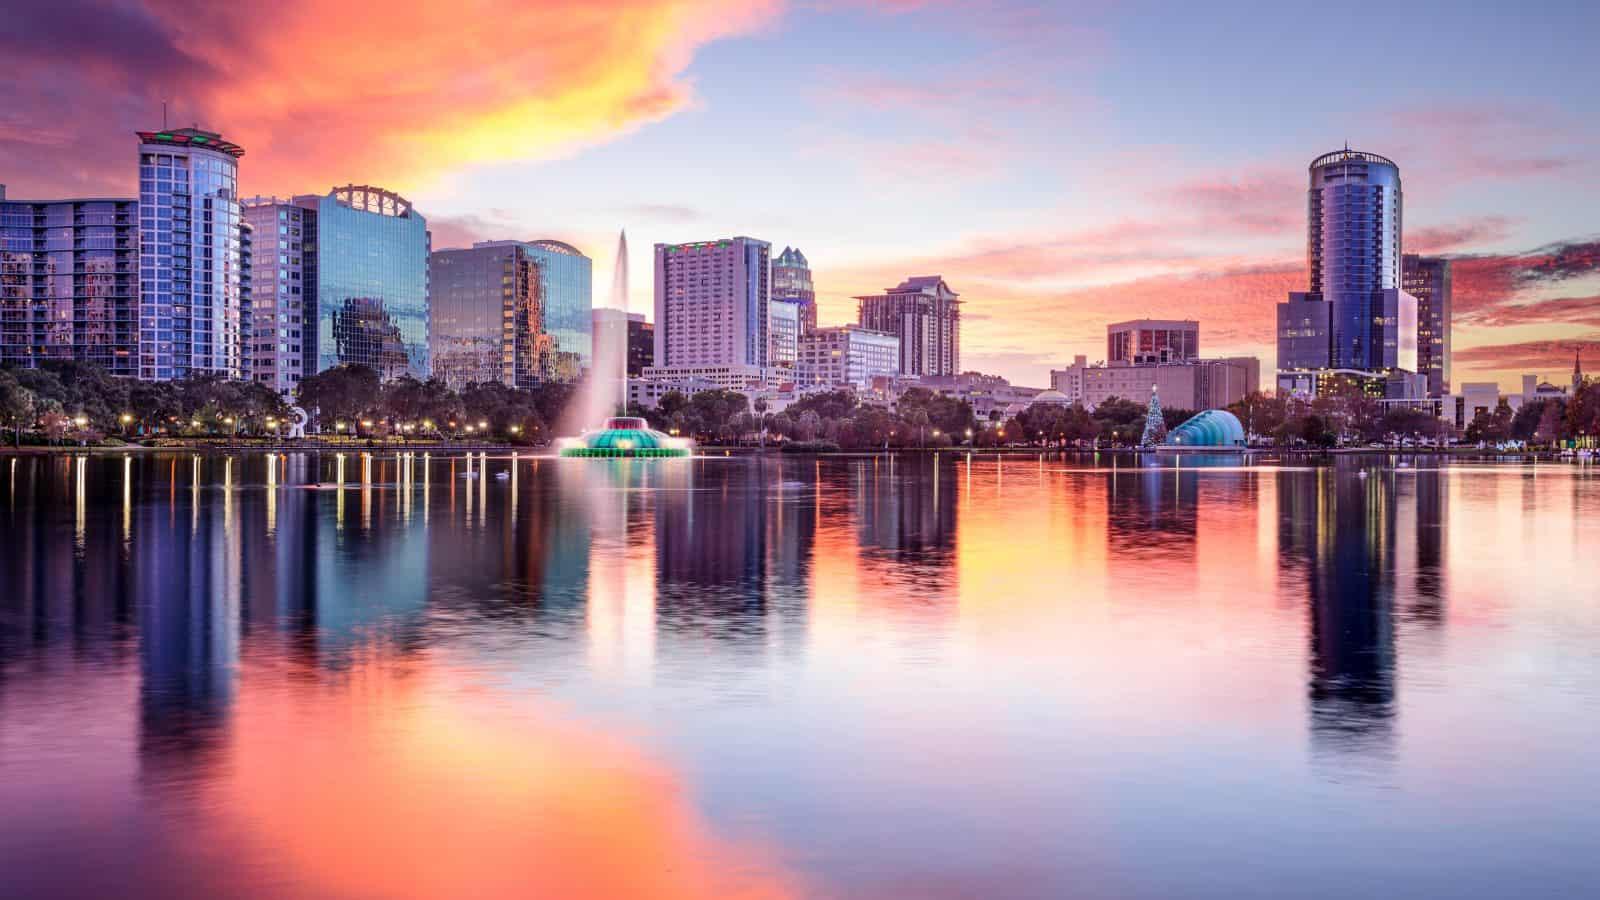 Orlando, over Lake Eola at sunset.